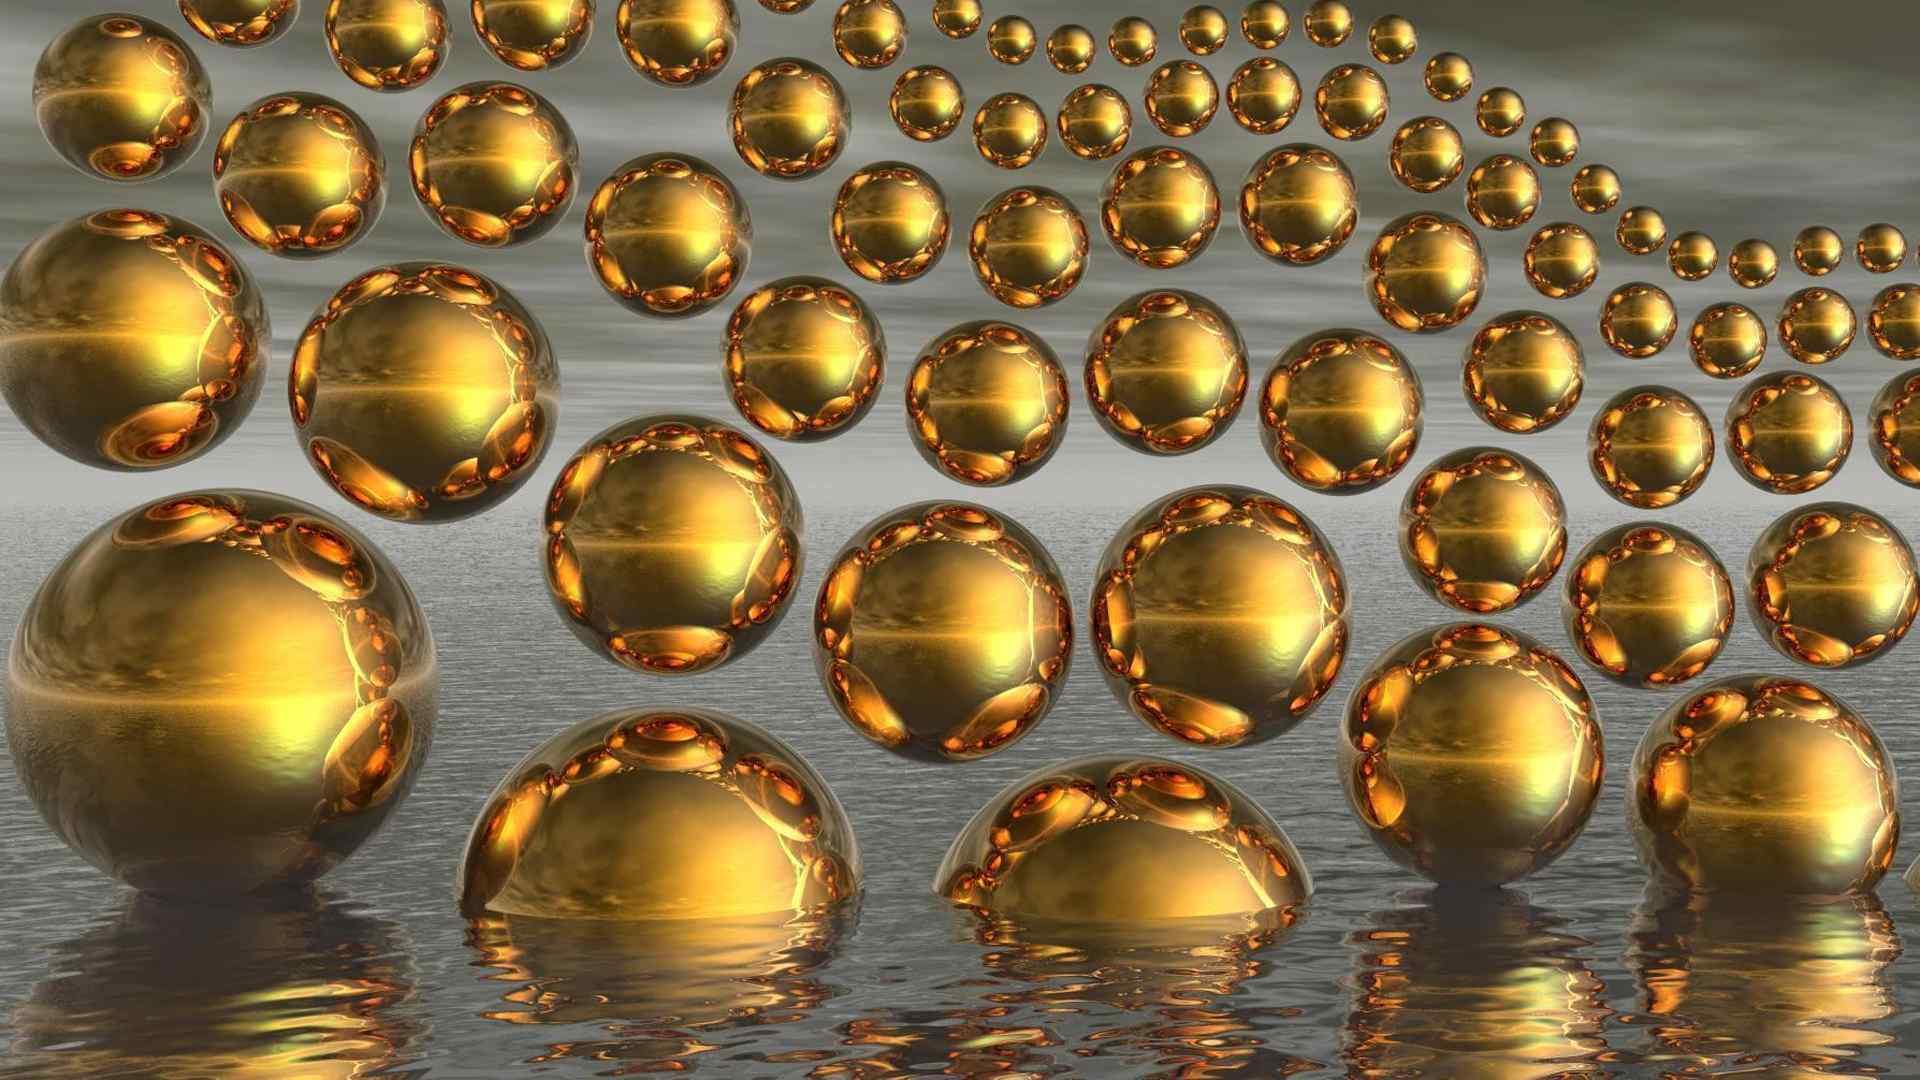 金色魔幻小球奇妙壁纸